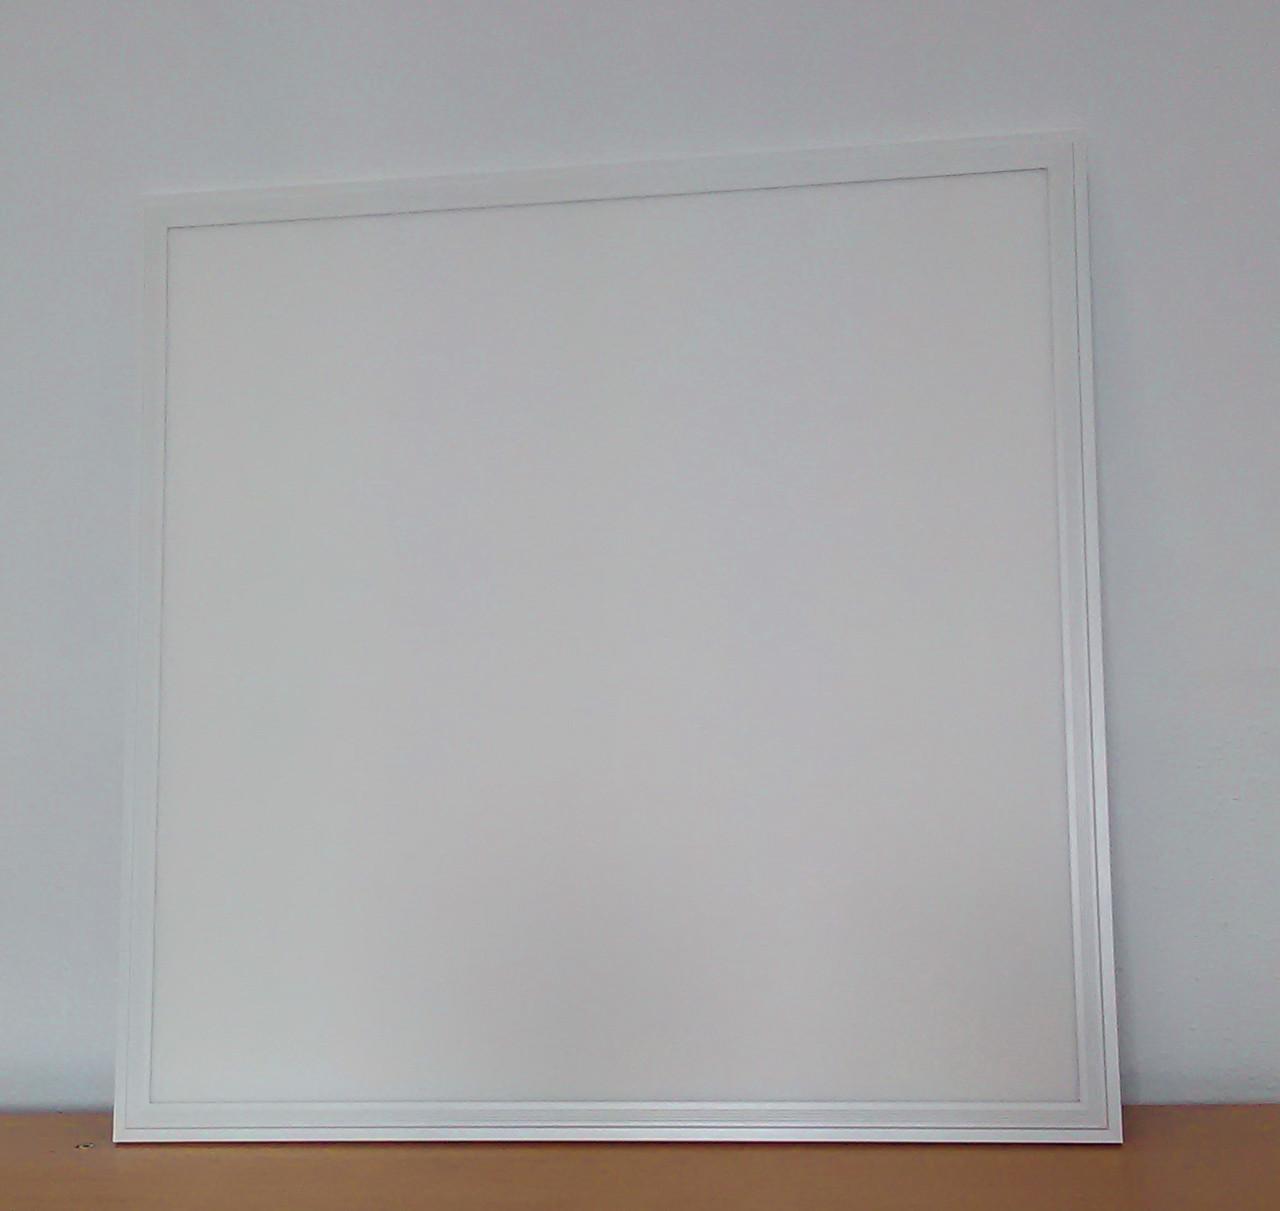 Светодиодная LED панель 48Вт 6000/4000К 3500lm ВСТРАИВАЕМАЯ 600х600мм матовая с белой рамкой